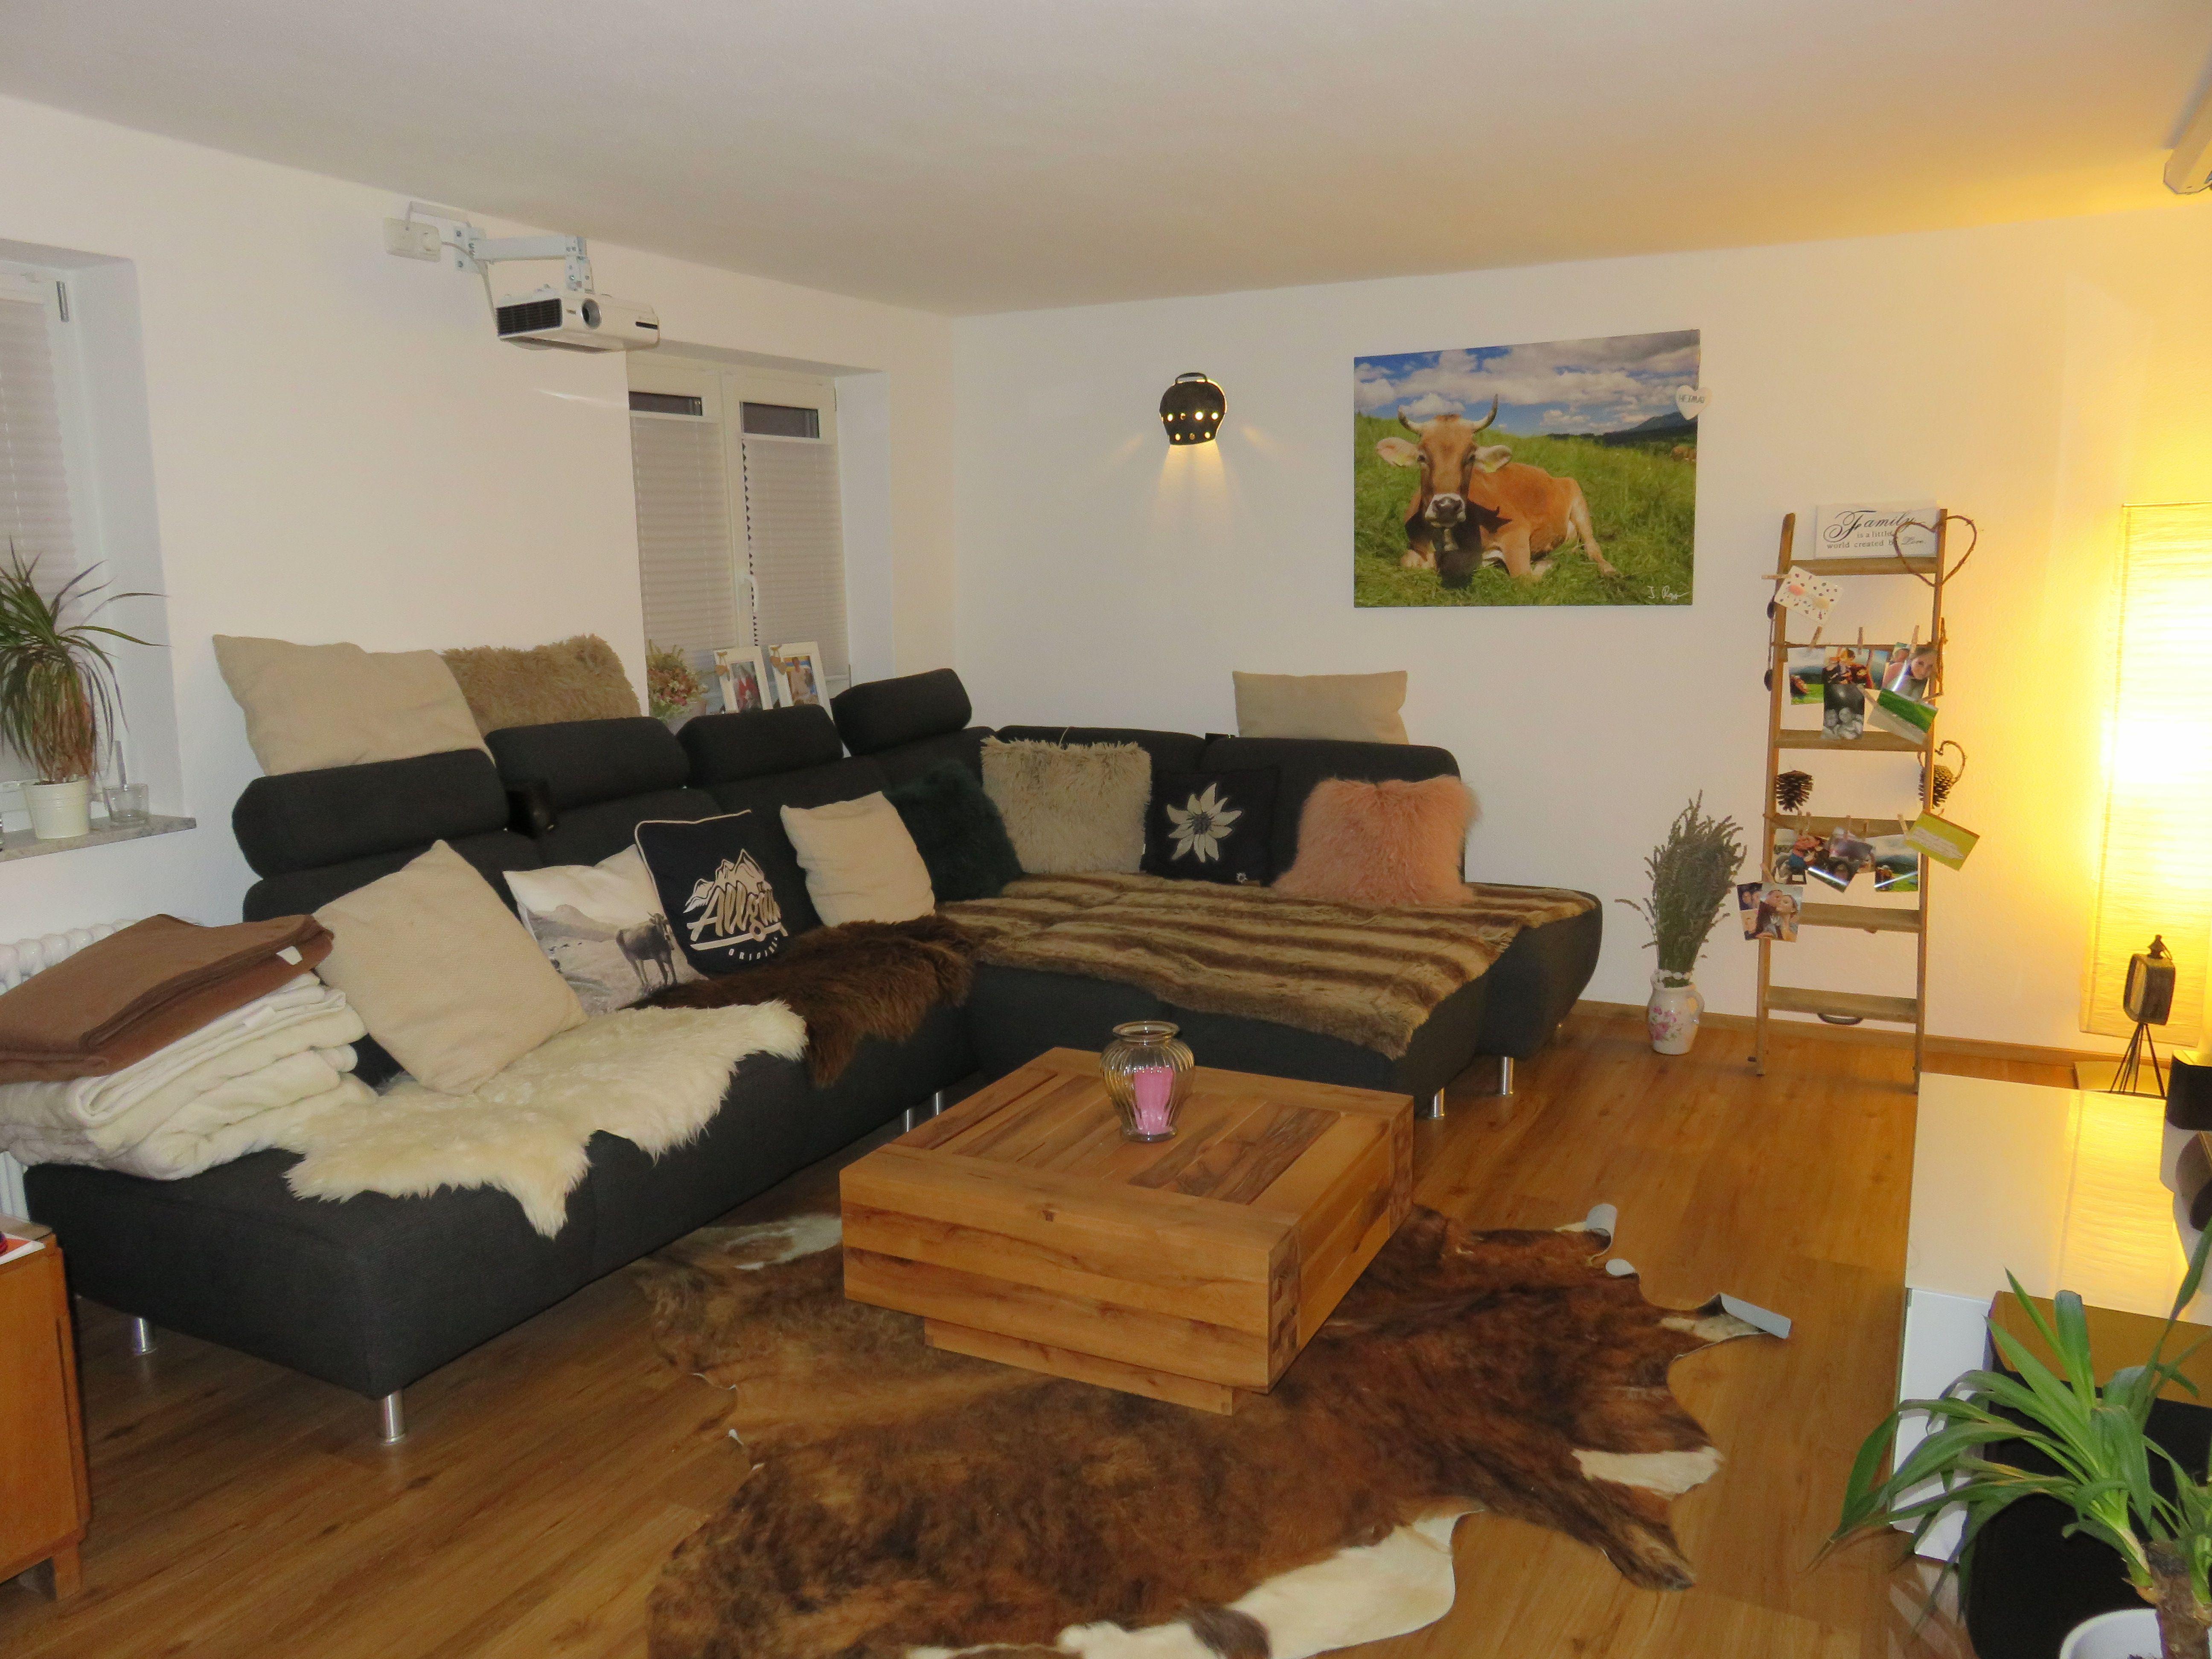 Wohnzimmer Rustikal ~ Wohnzimmer rustikal gemütlich allgäu style alpen ländlich